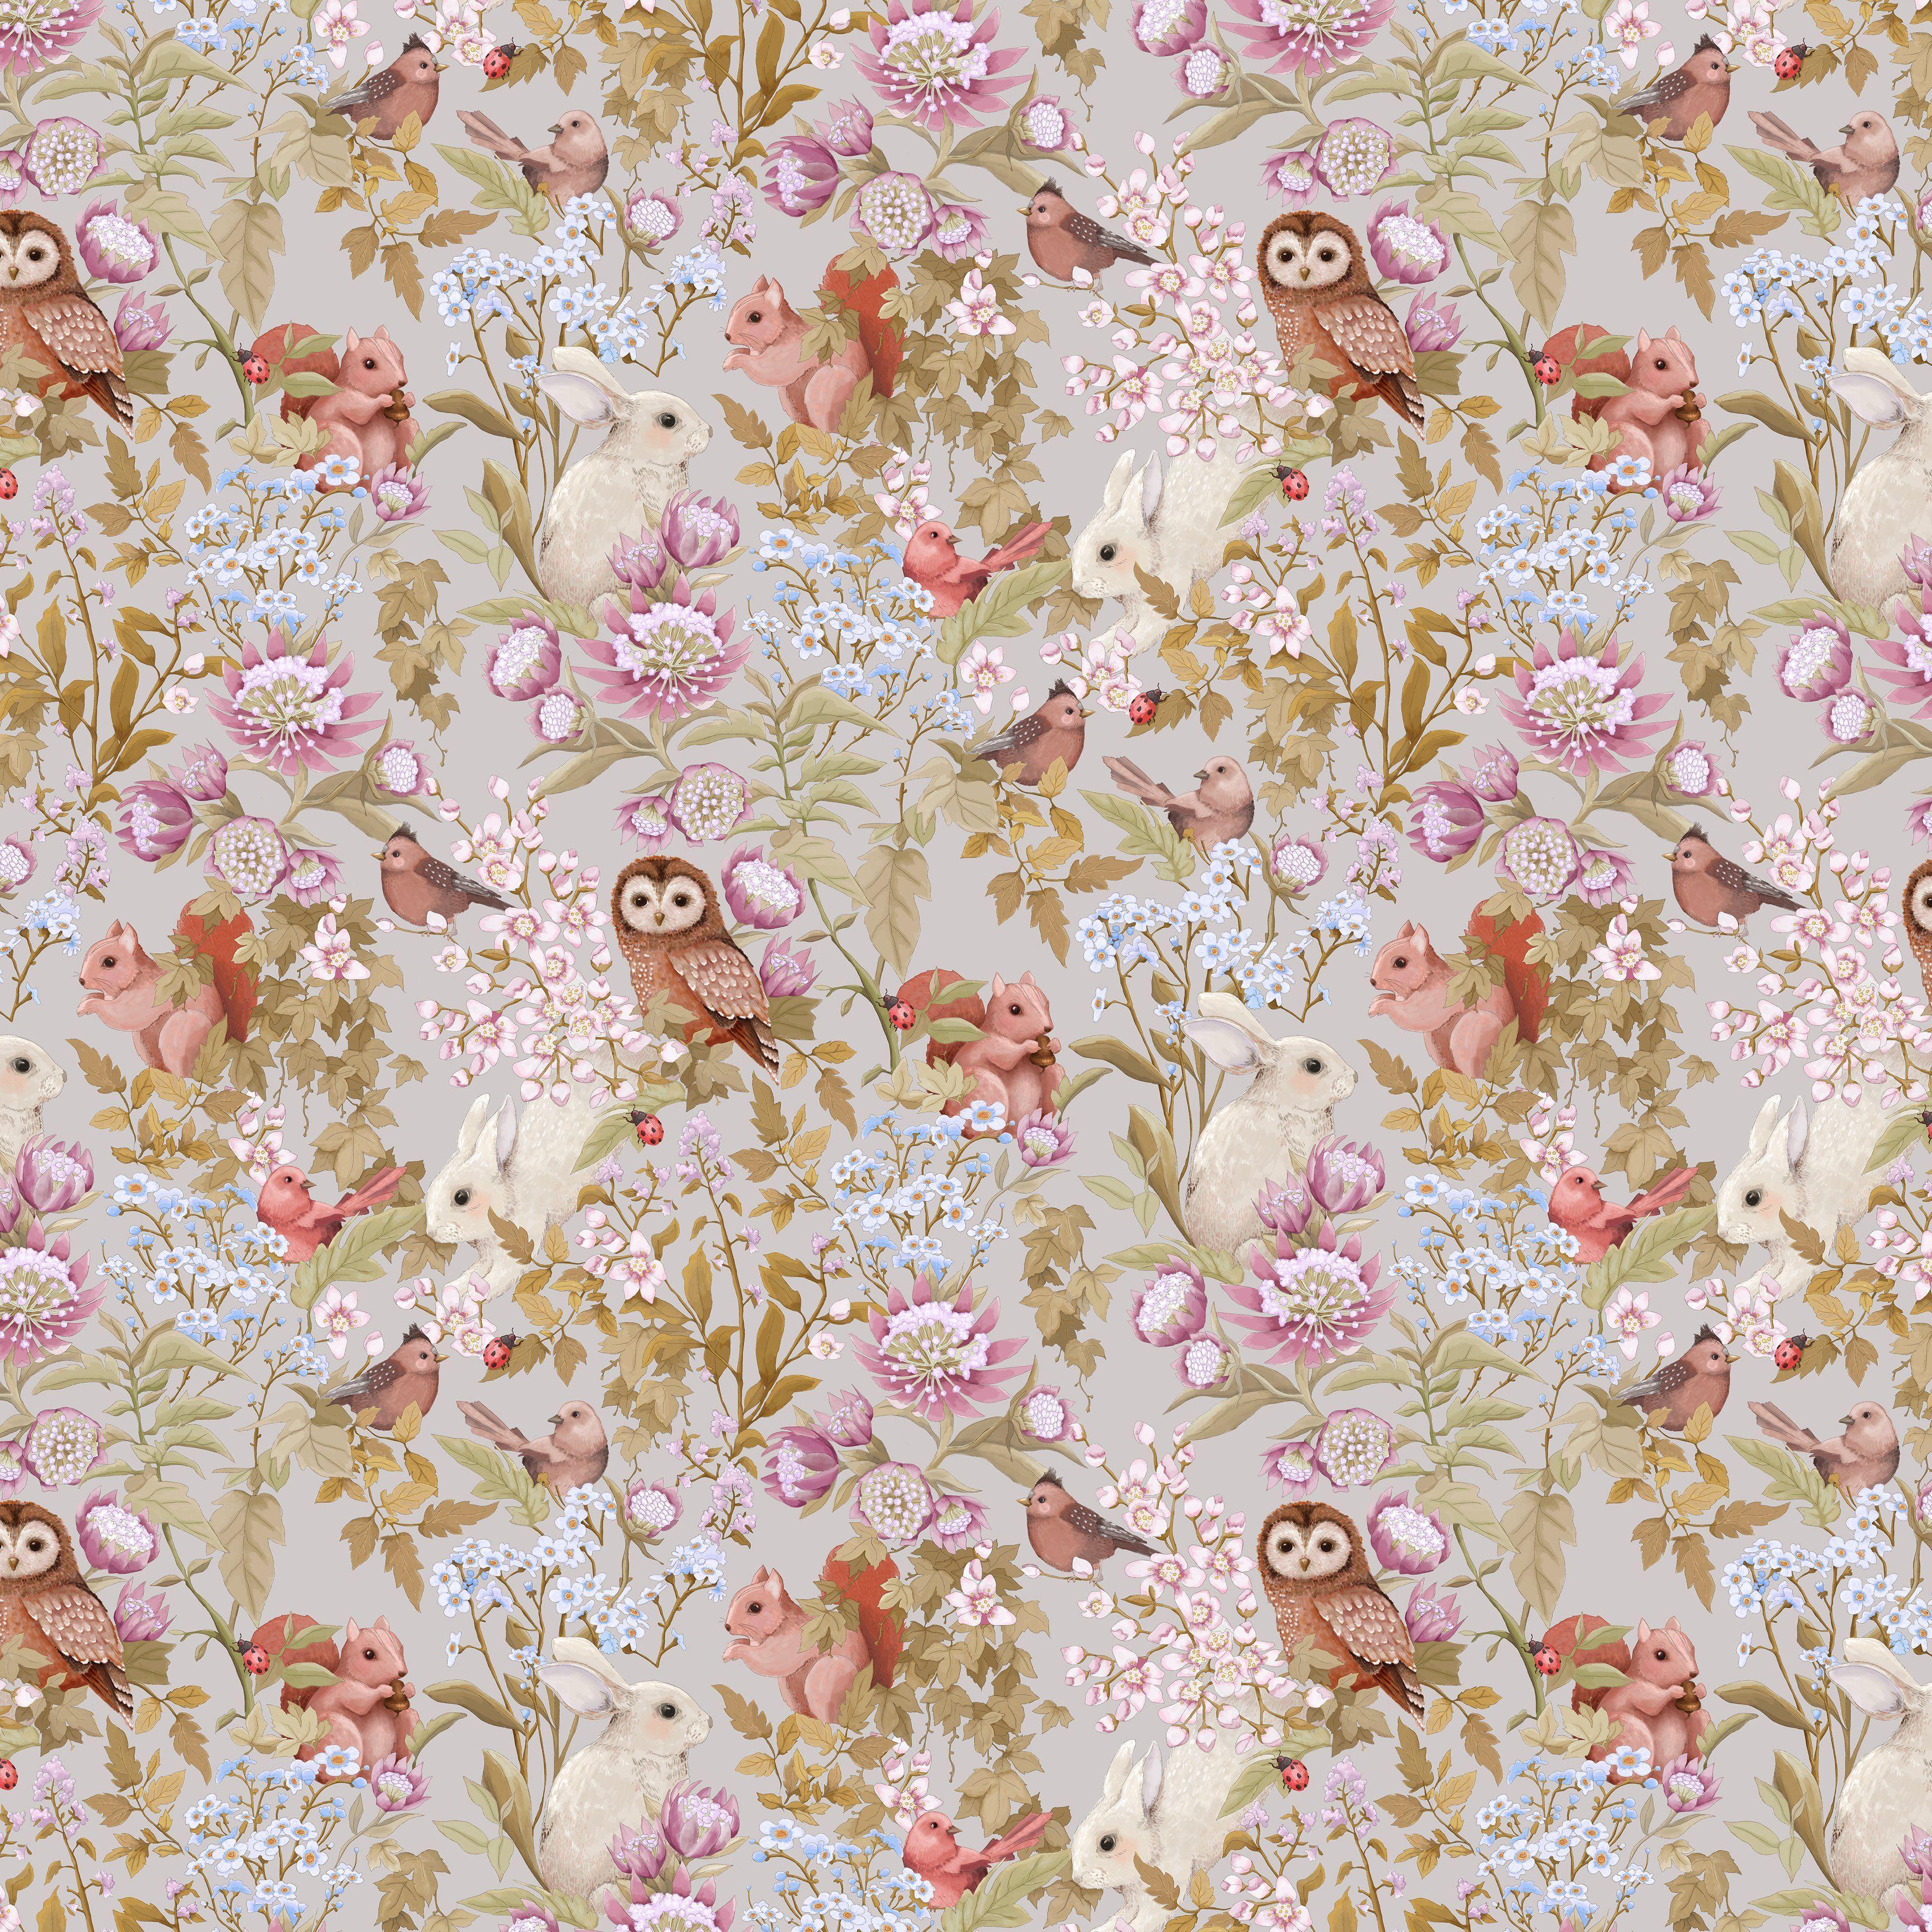 Woodland Floral Wallpaper Sage Green Flowers wildlife Animal Floral Deer Crown